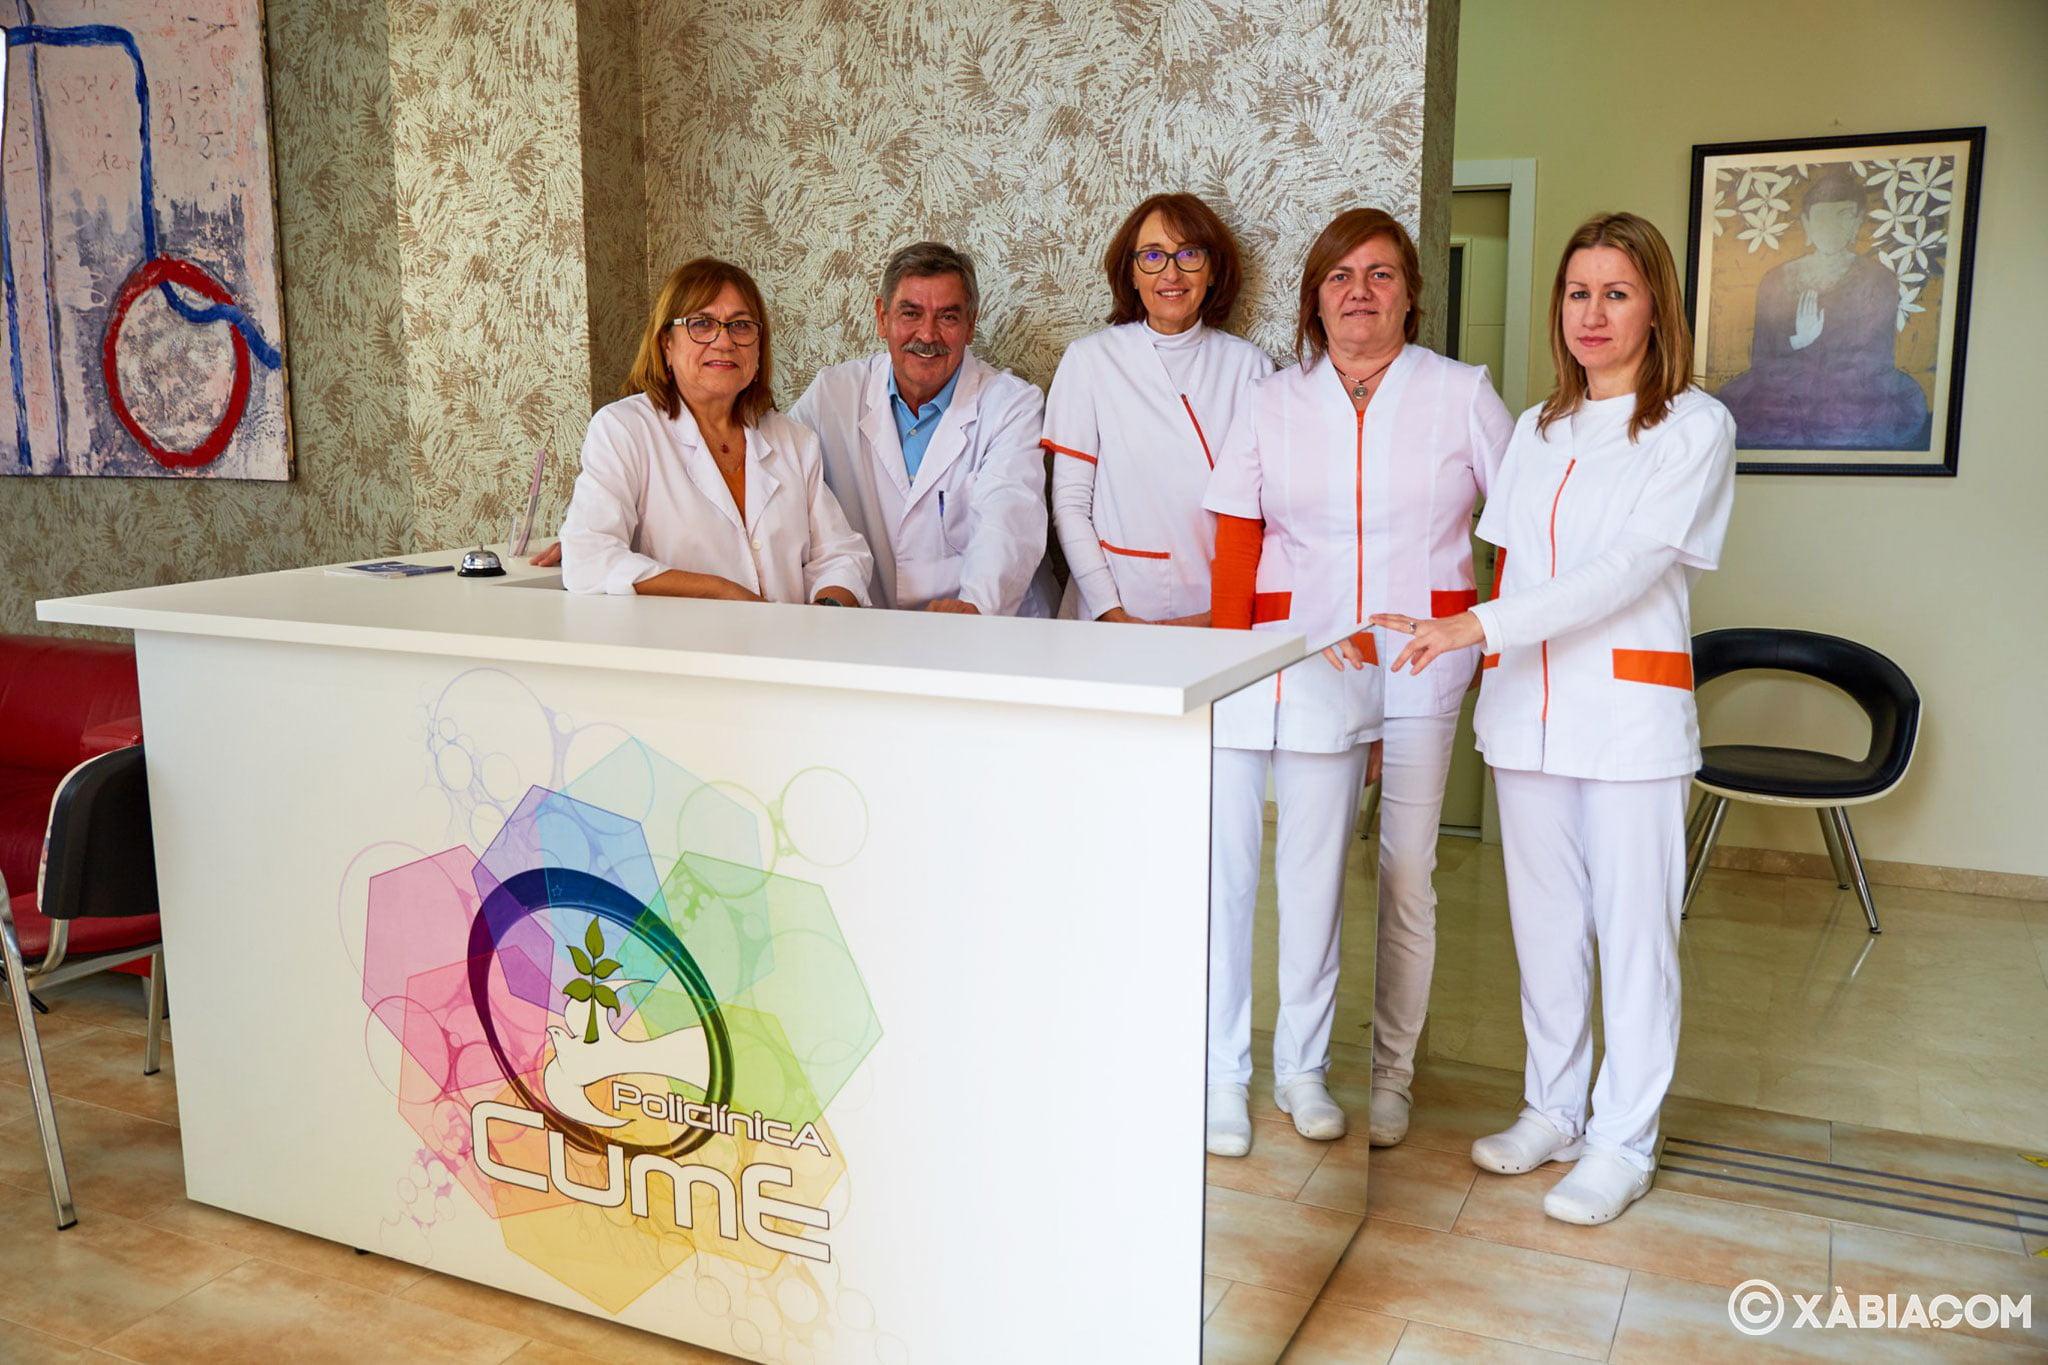 Il team CUME Polyclinic ti offre tutte le sue conoscenze sotto forma di consulenza